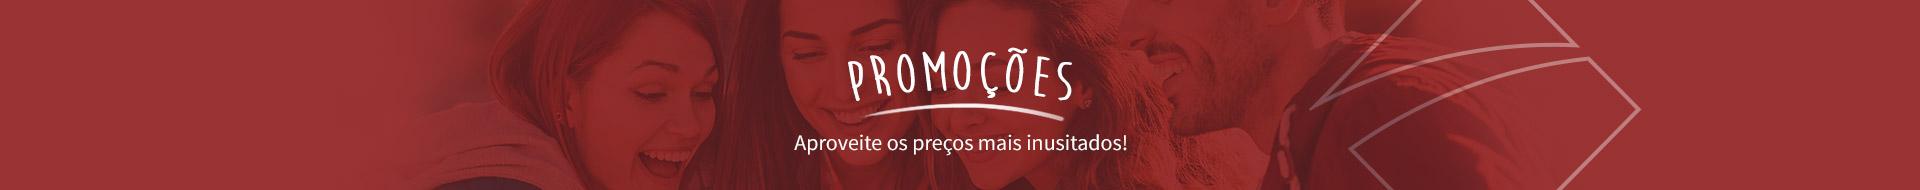 Banner Promocoes Desktop